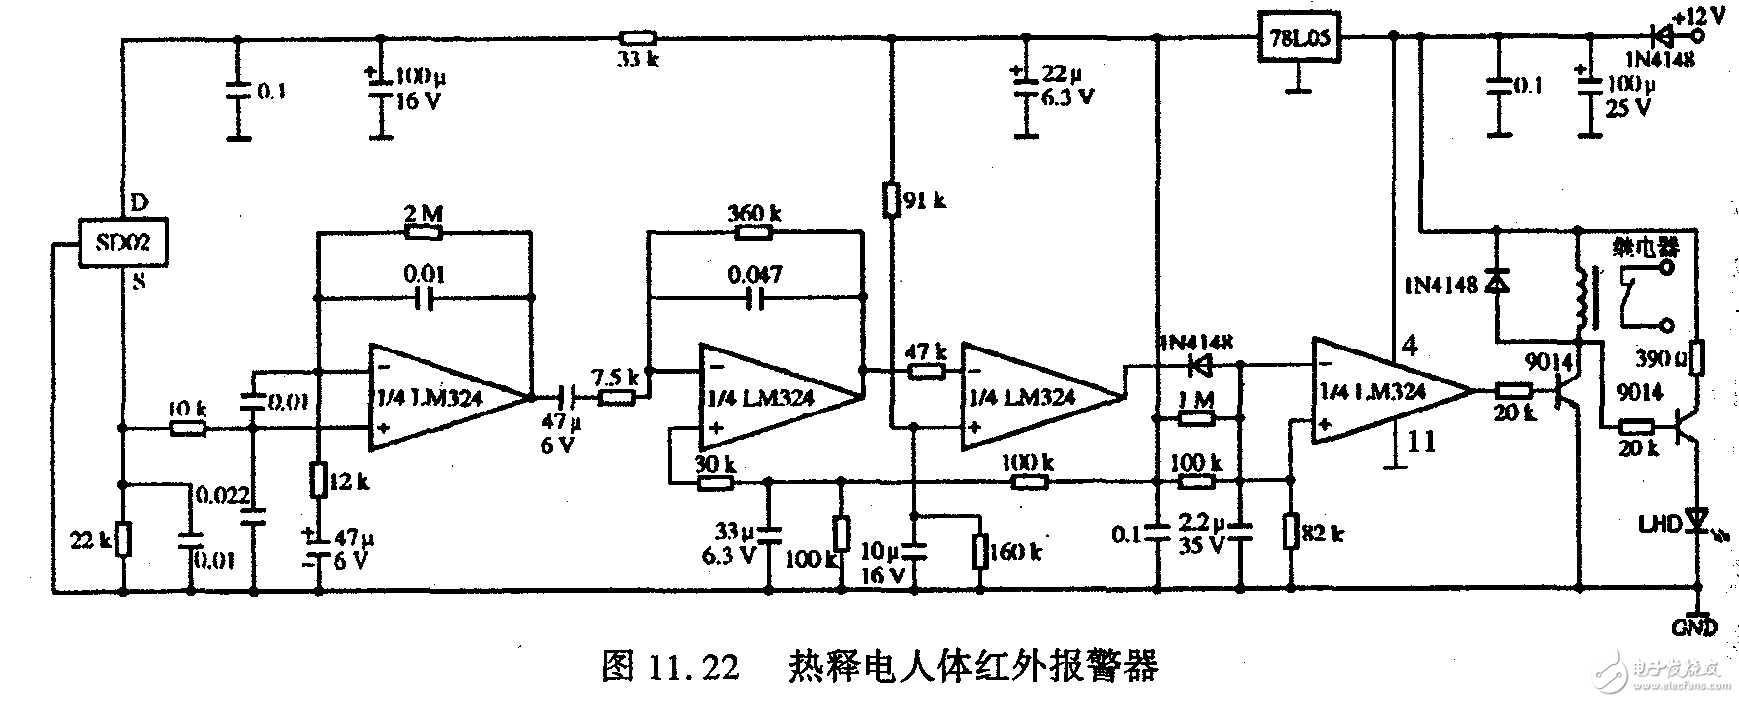 热释电人体红外报警器 - 电路设计论坛 - 中国电子